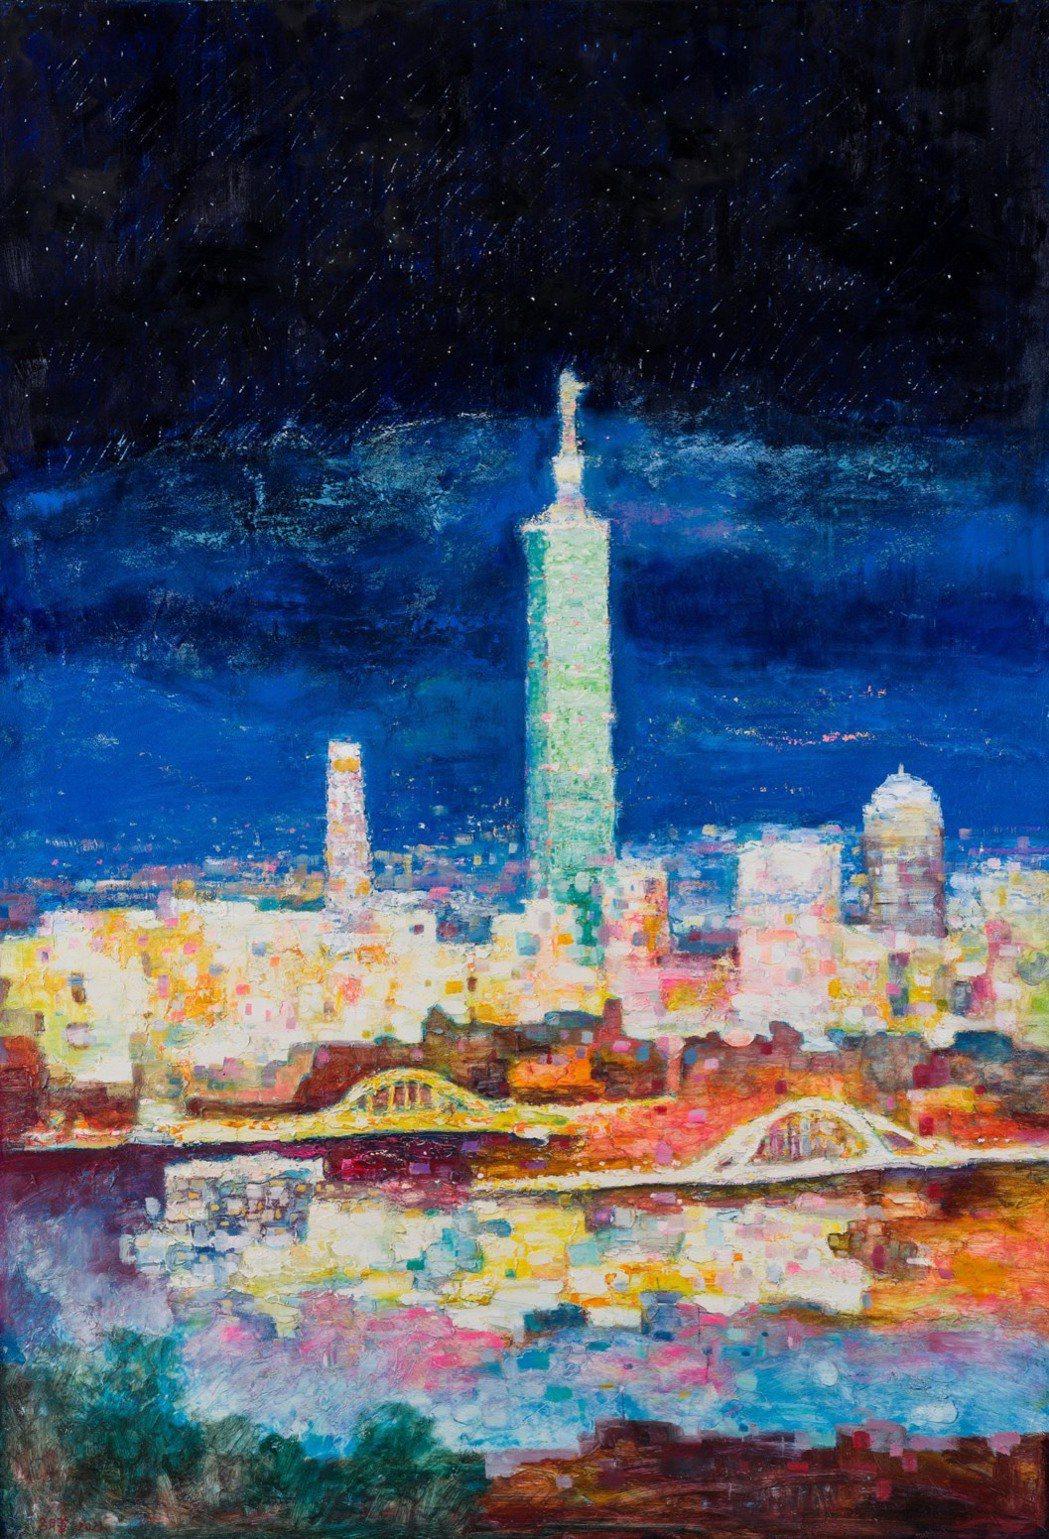 台北的流星雨由愛爾麗集團董事長常如山得標。圖/台南知事官邸生活館提供